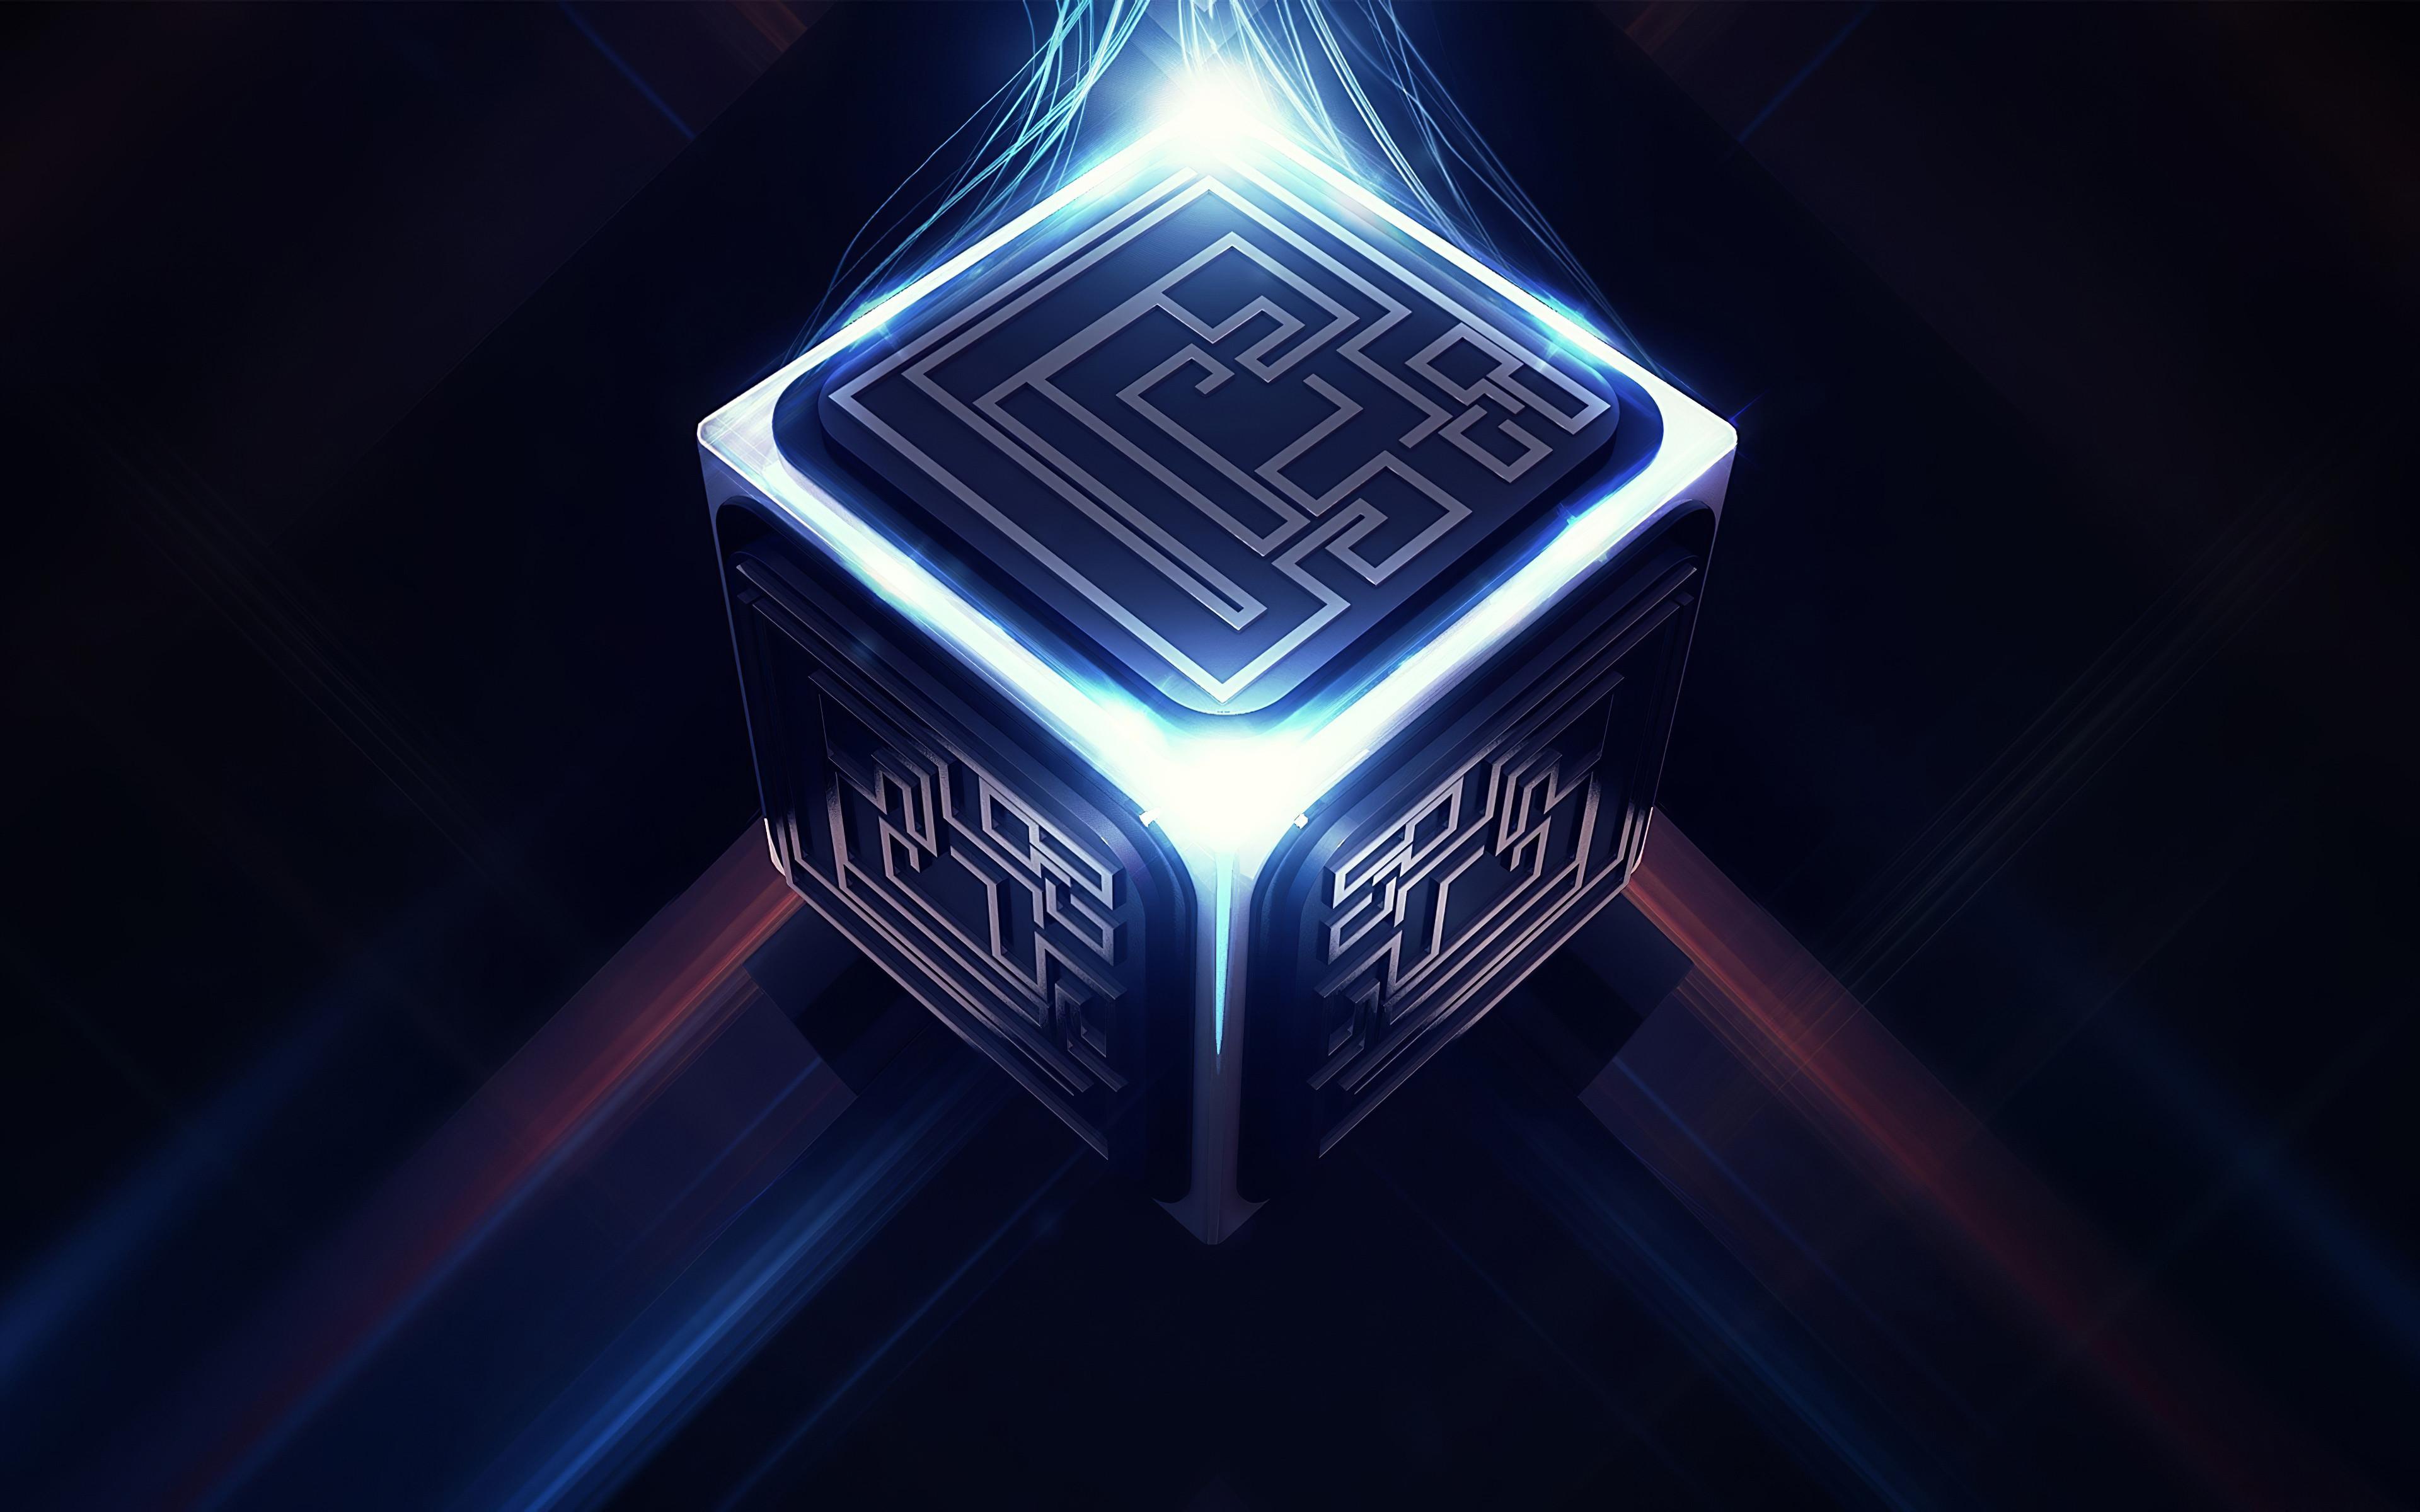 Fondos de pantalla Cubo con energia de luces